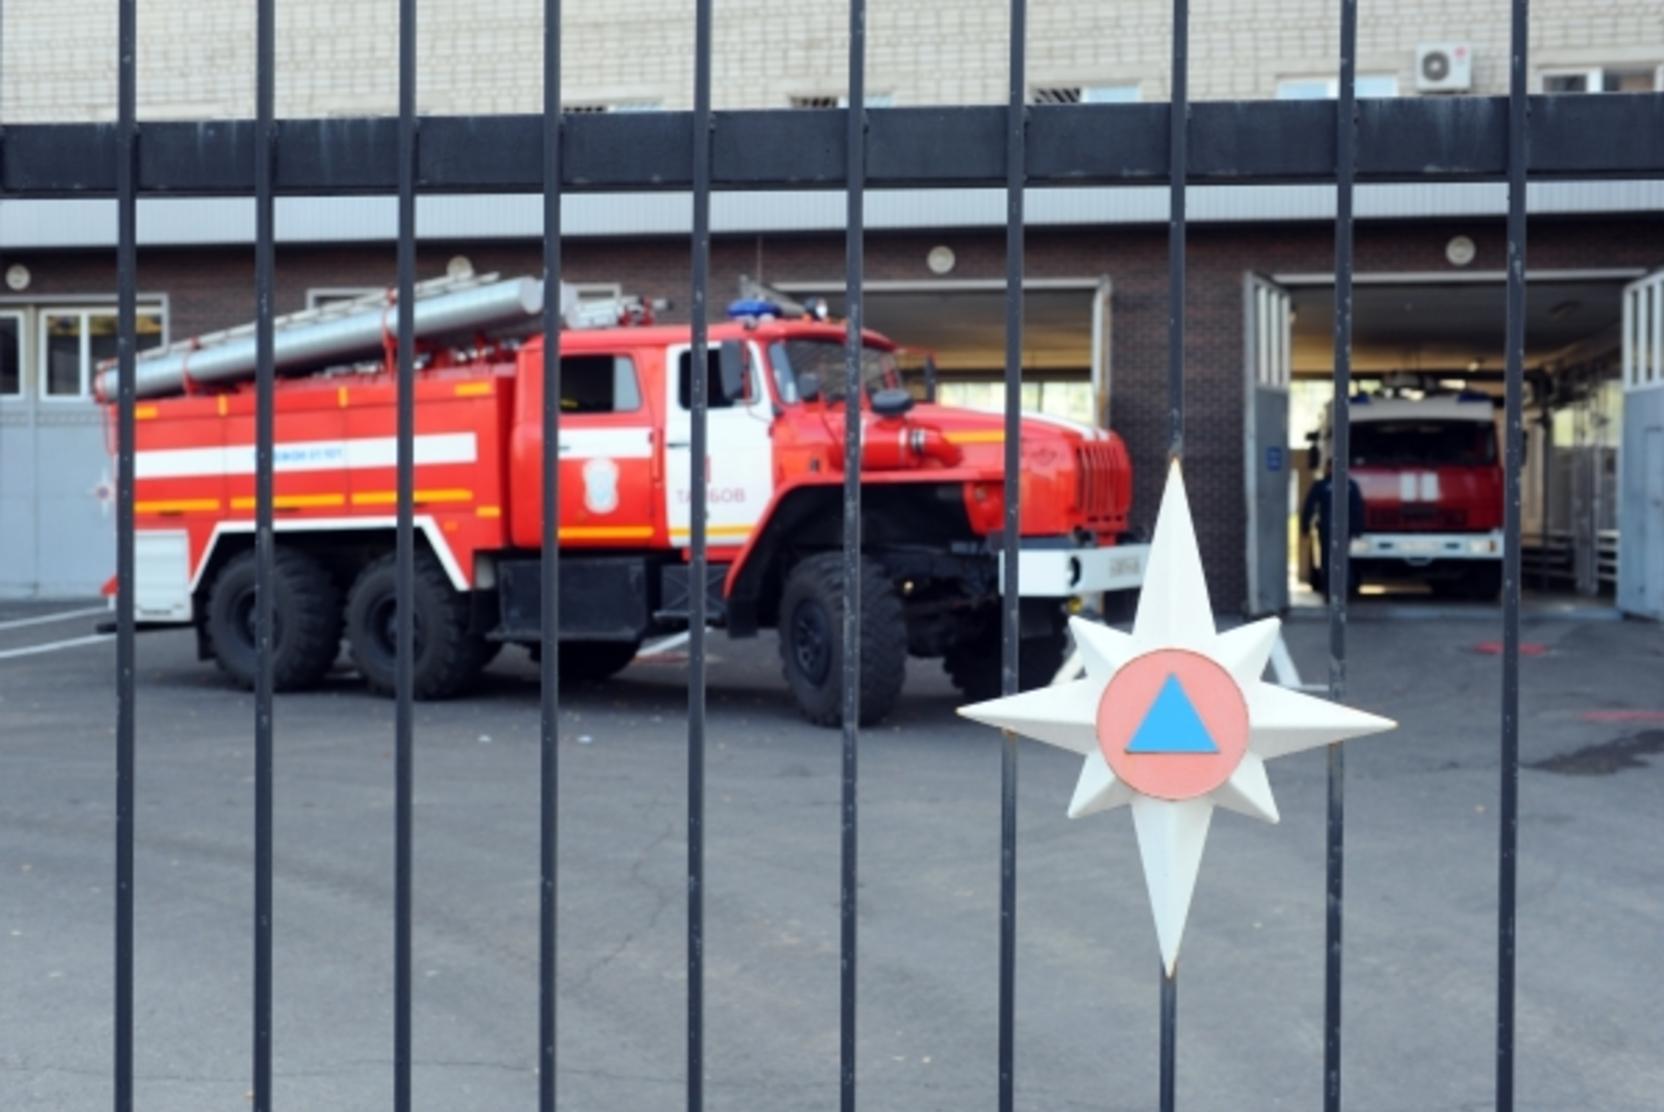 МЧС выявило в домах престарелых более 1,4 тысячи нарушений пожарной безопасности